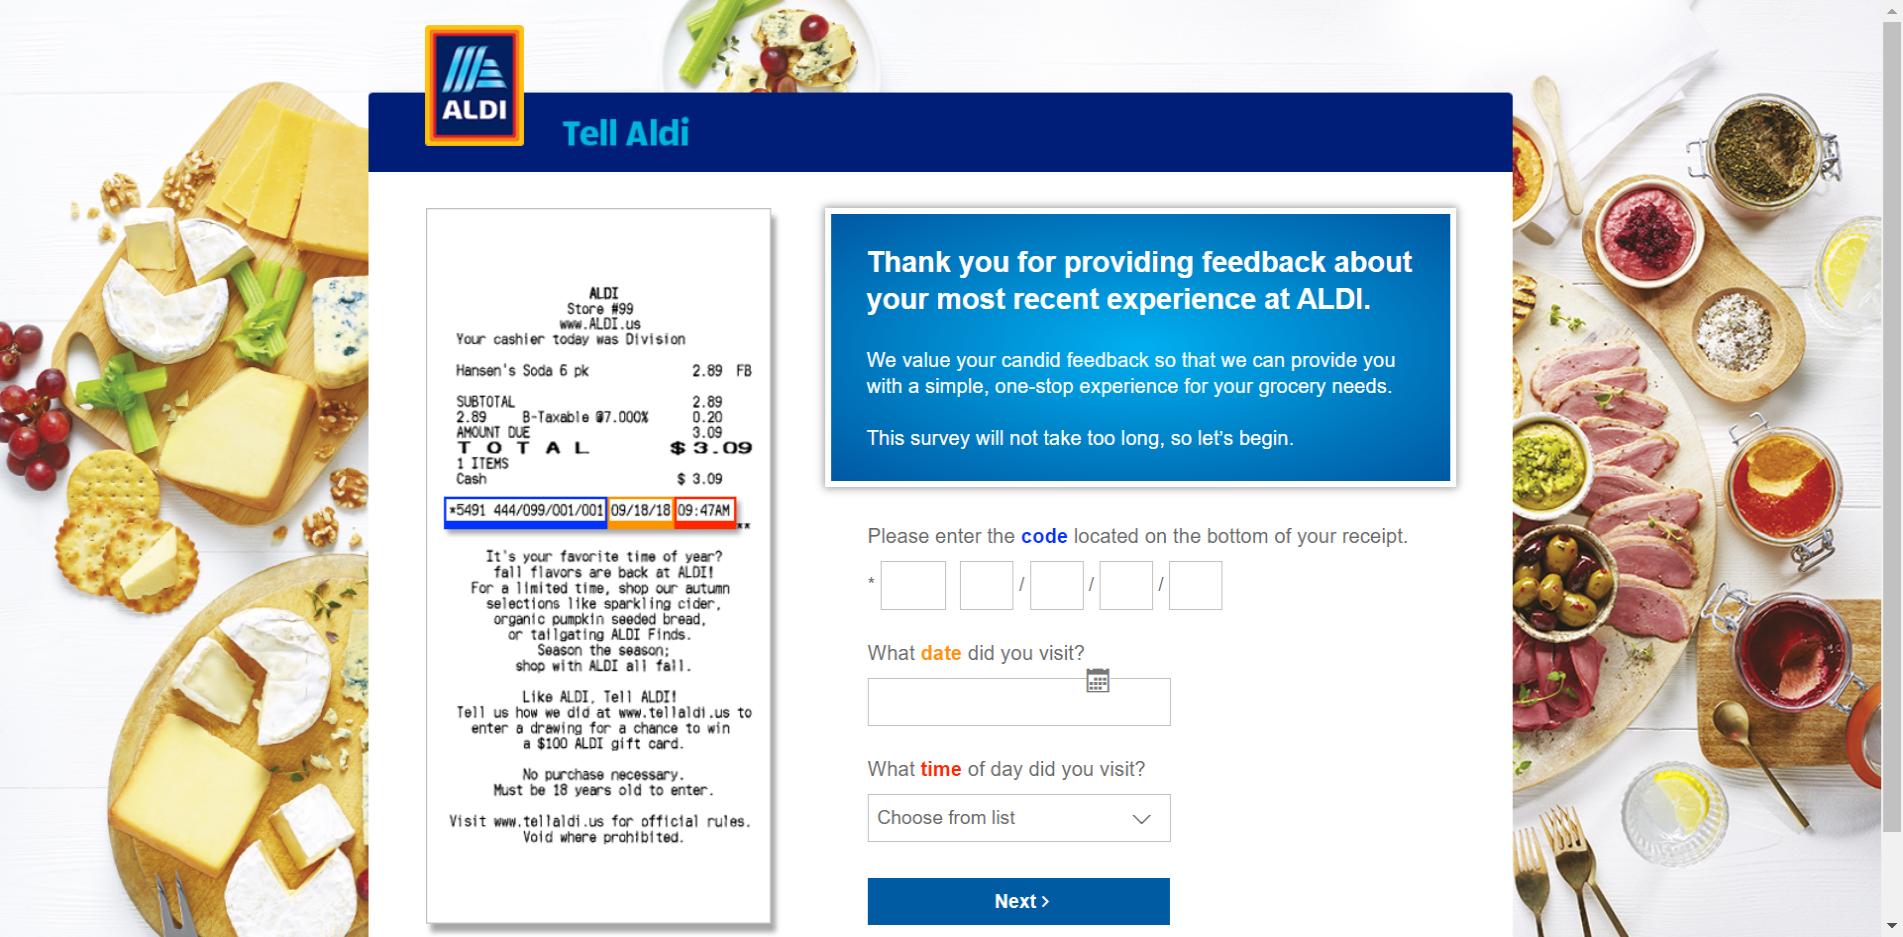 Aldi Customer Feedback Survey